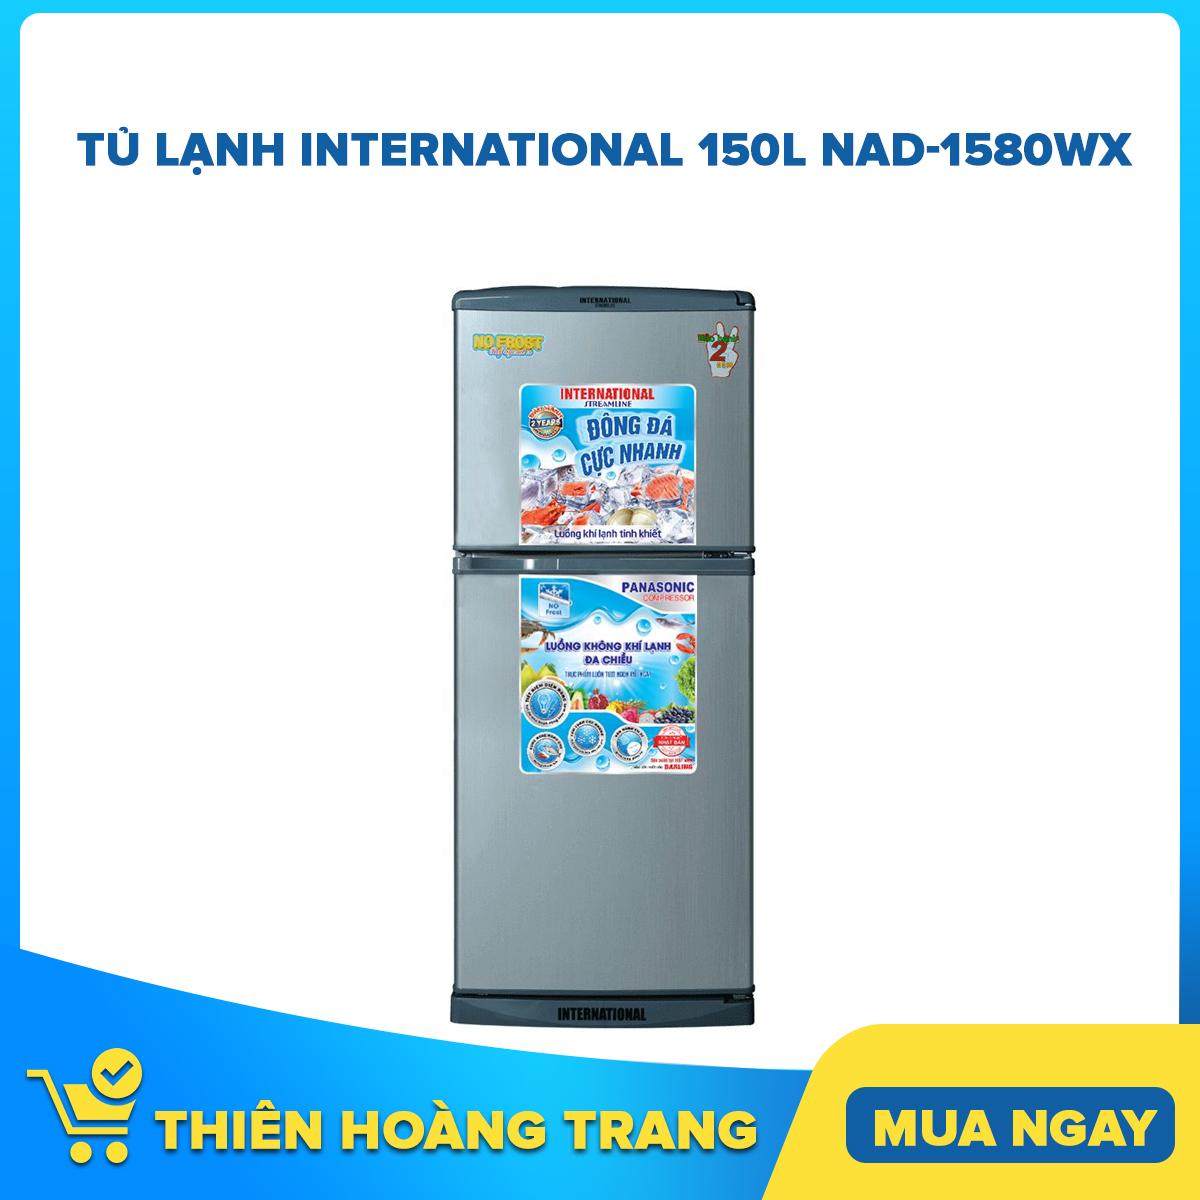 Bảng giá TỦ LẠNH INTERNATIONAL 150L NAD-1580WX Điện máy Pico